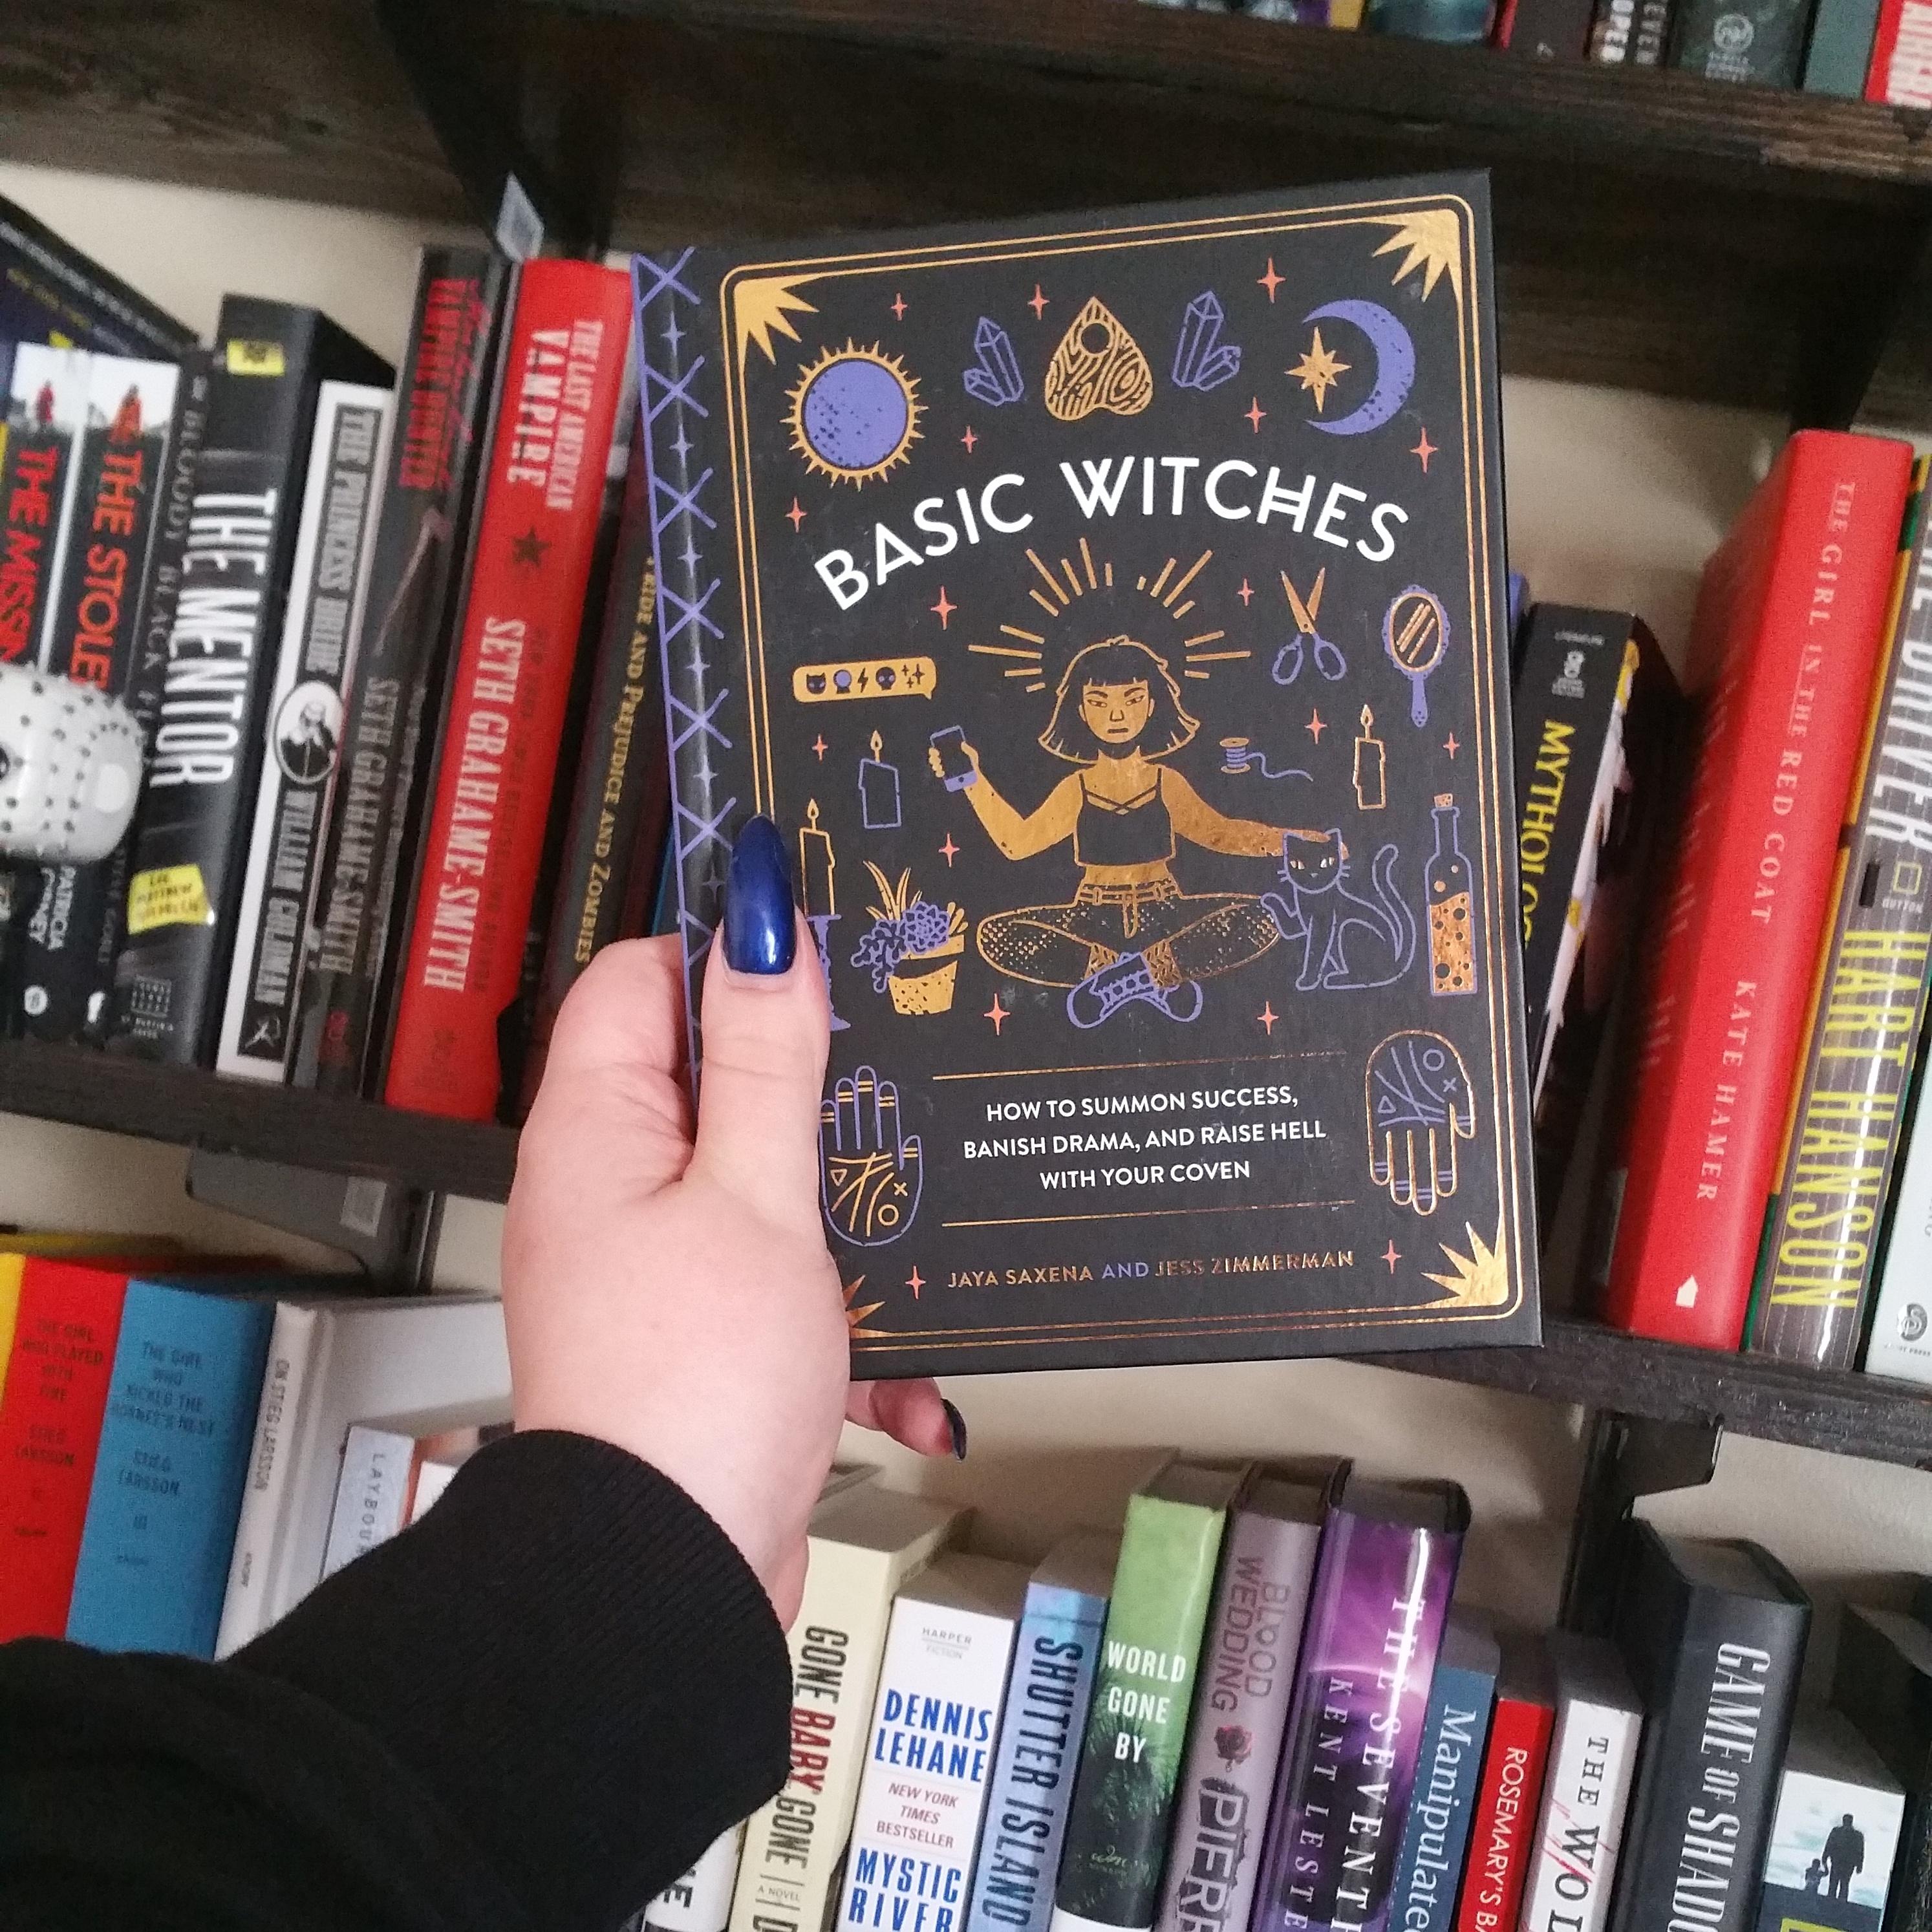 Jaya Saxena — Basic Witches